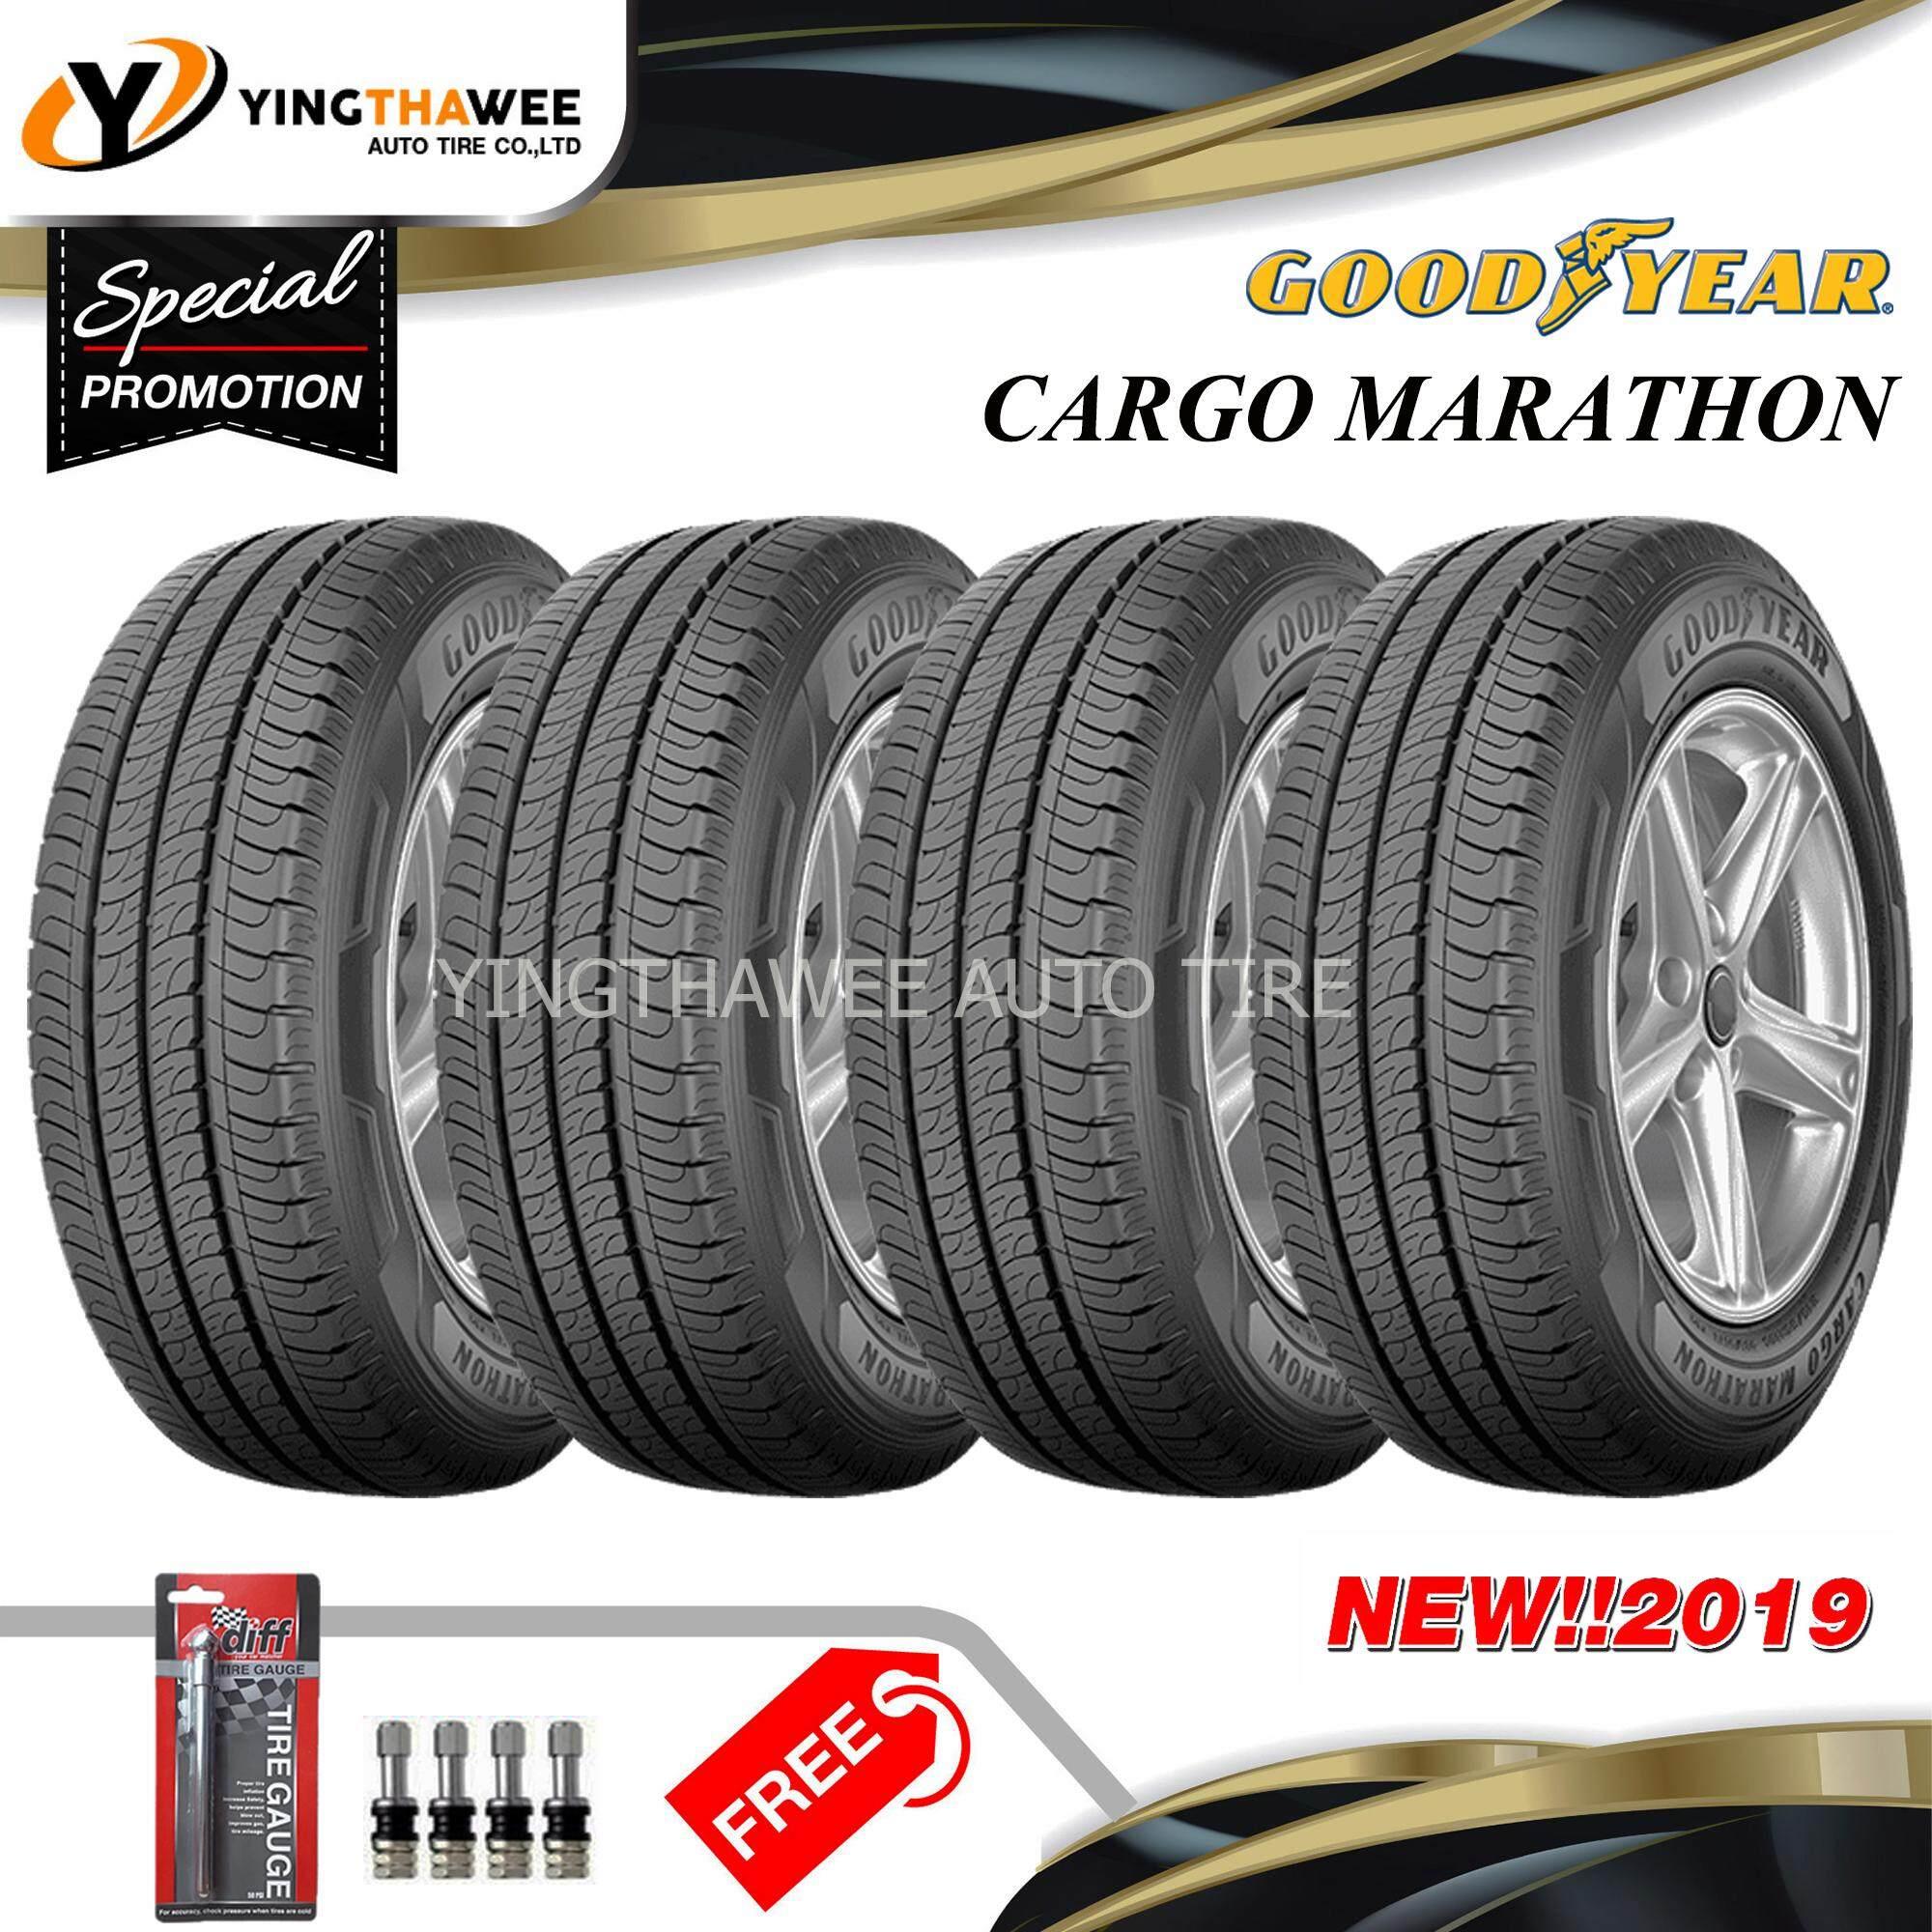 ชัยนาท GOODYEAR ยางรถยนต์ 215/70R16 รุ่น CARGO MARATHON  4 เส้น (ปี 2019) แถมจุ๊บเหล็กแท้ 4 ตัว + เกจวัดลมยาง 1 ตัว